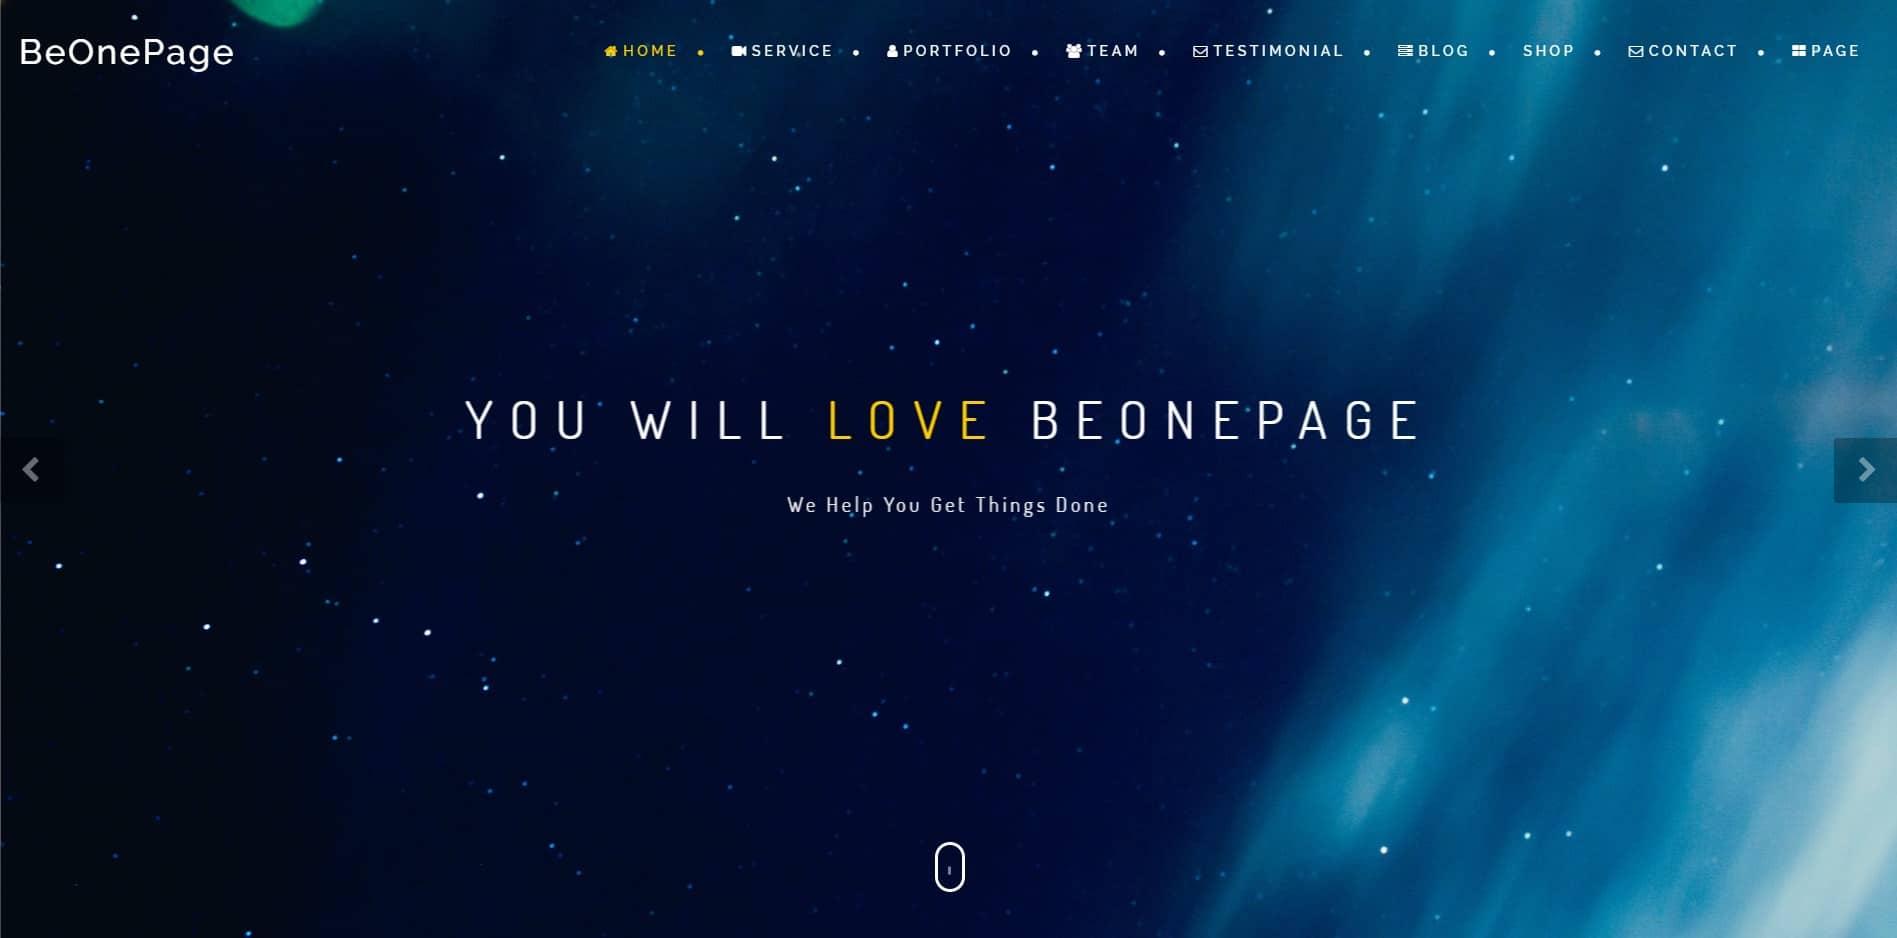 قالب وردپرس تک صفحه ای BeOnePage